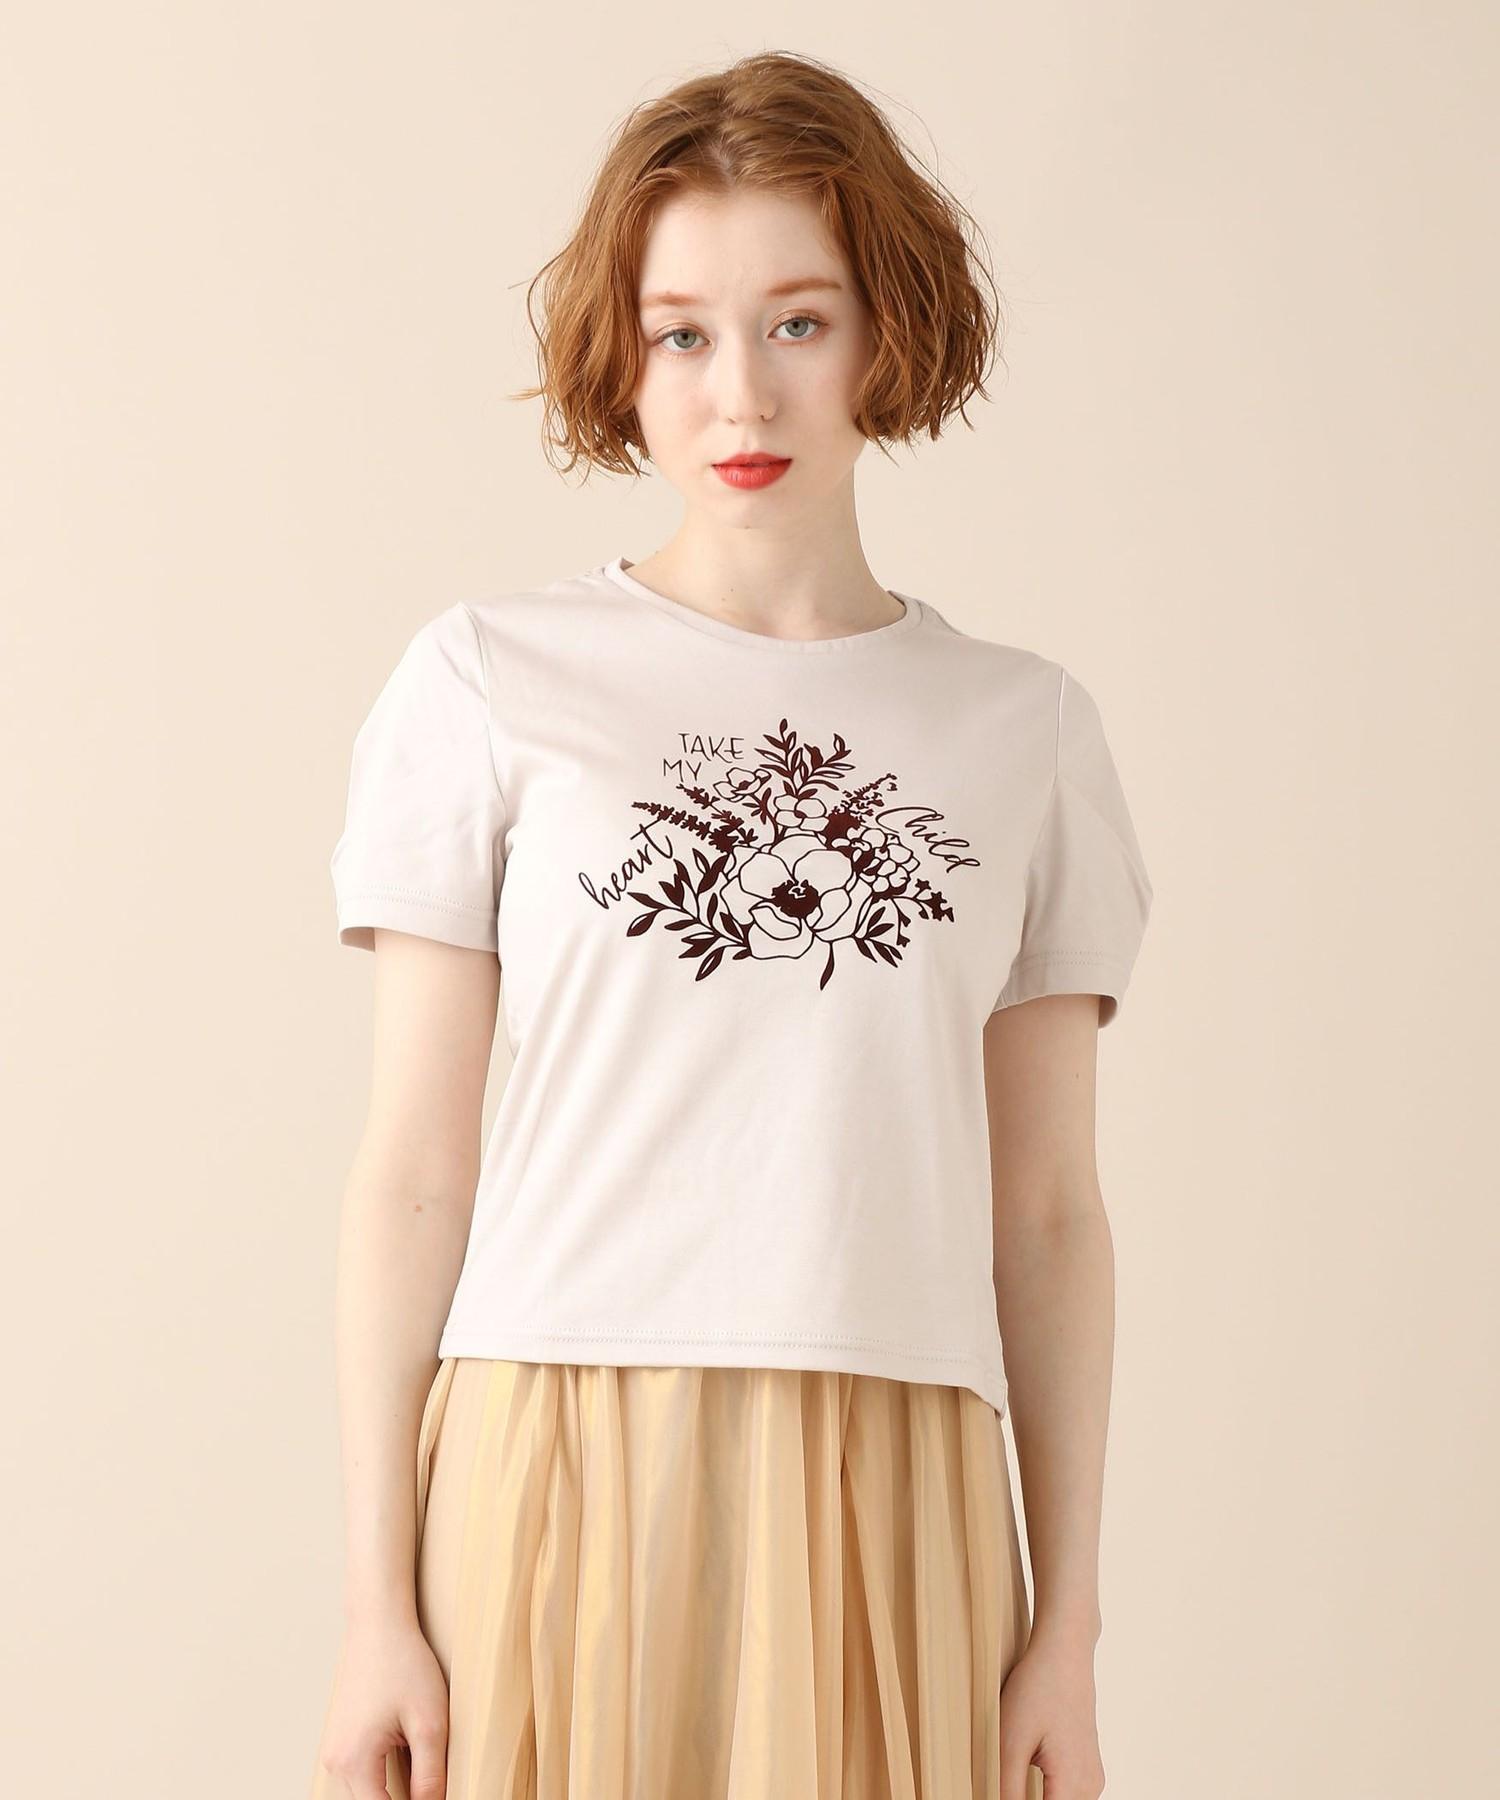 タックスリーブプリントTシャツ